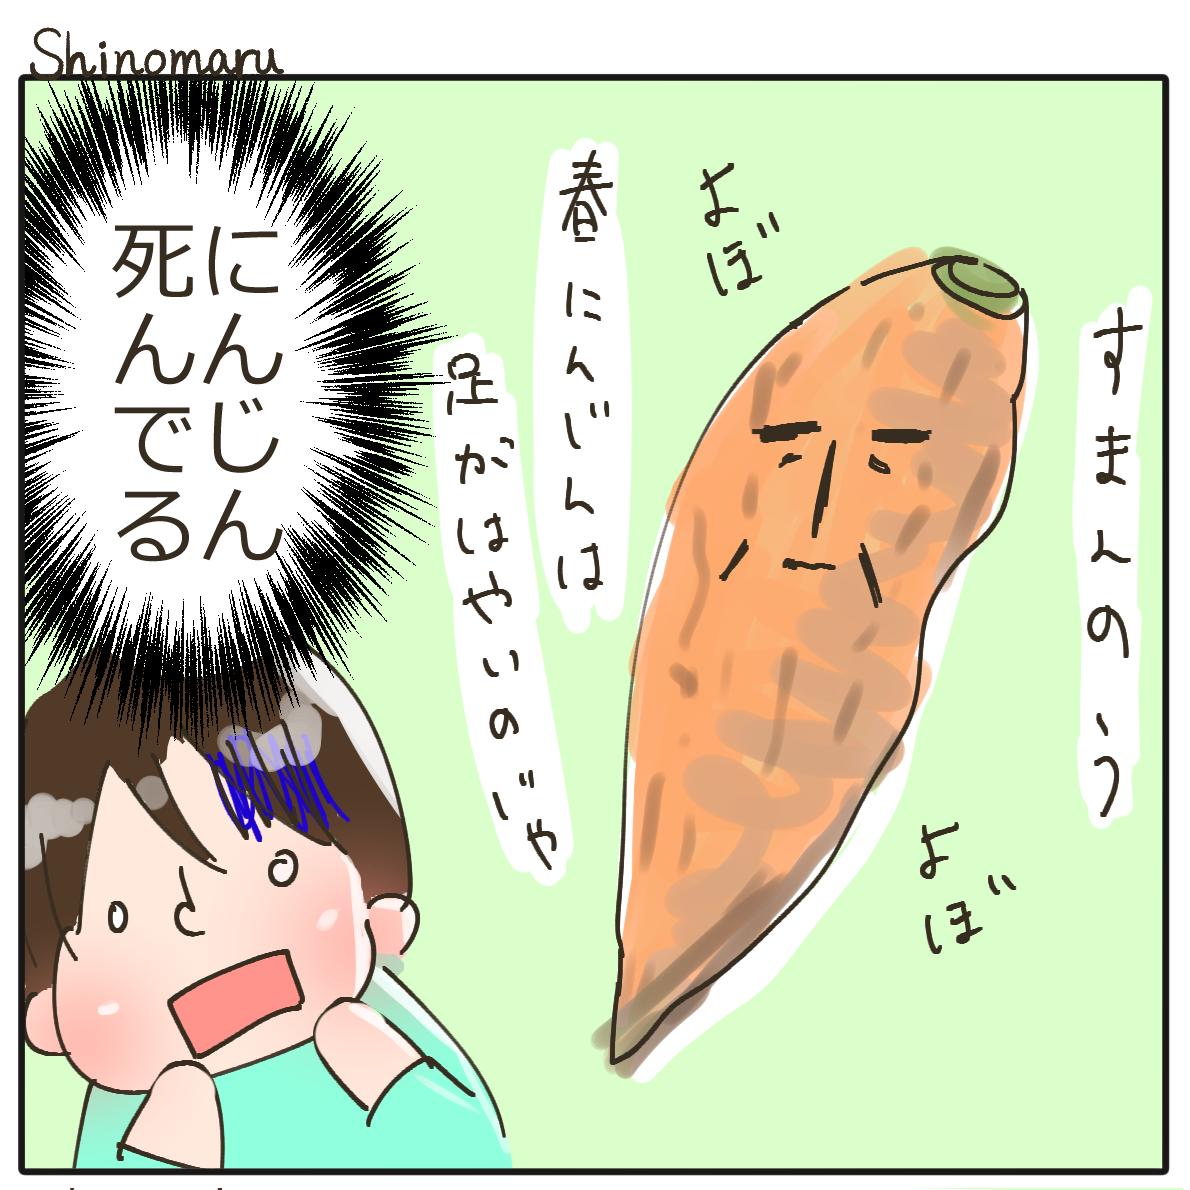 f:id:Shinomaru:20210604221741p:plain